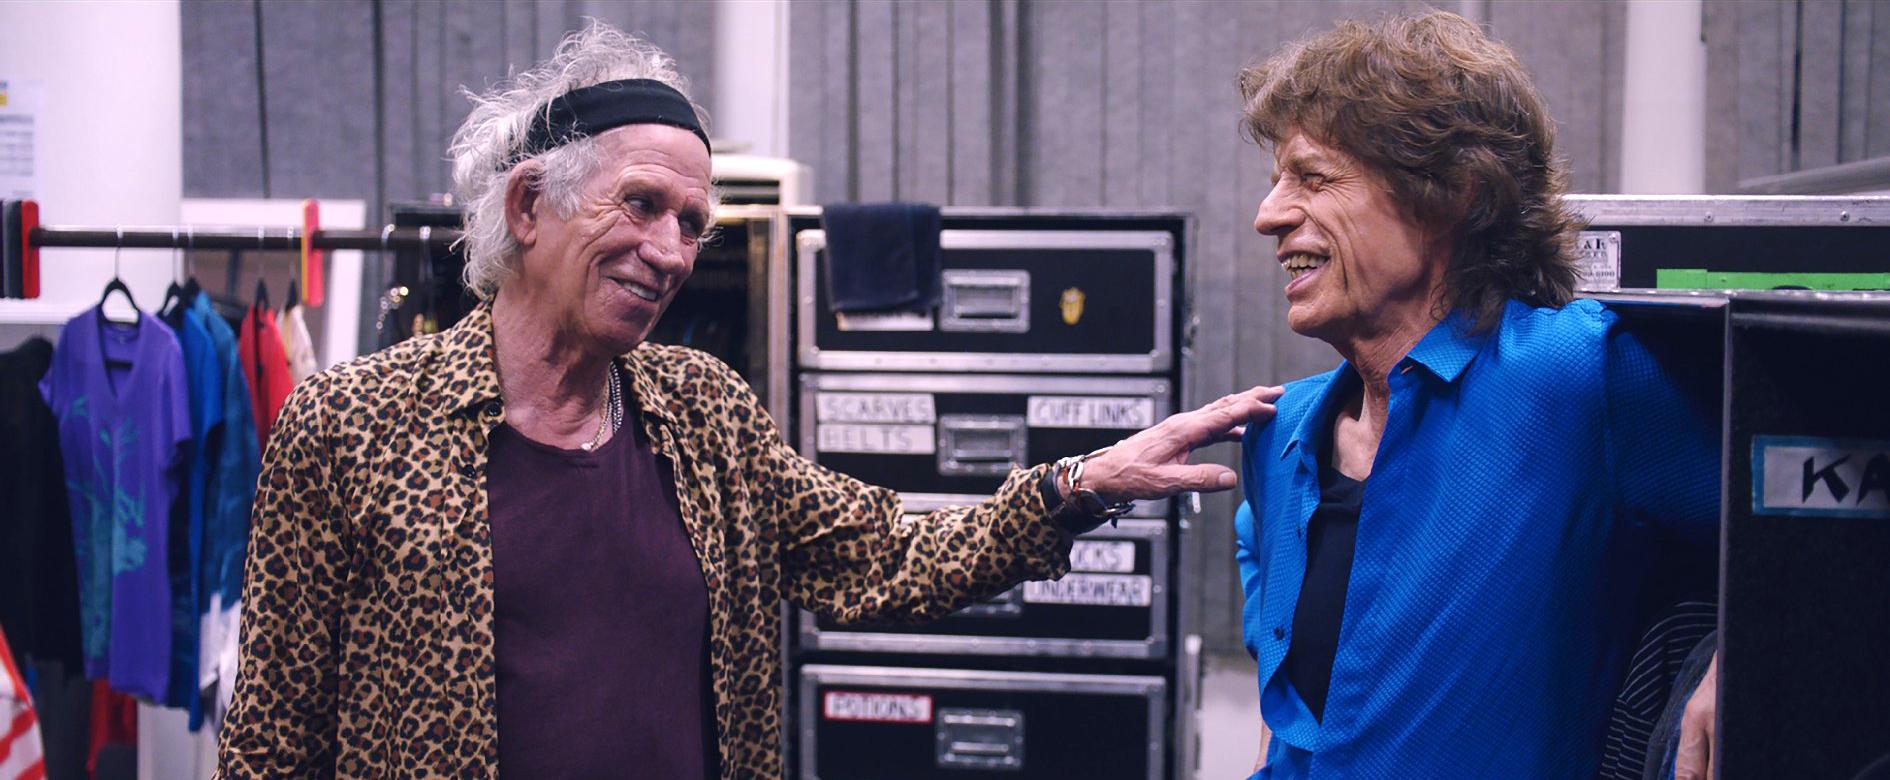 «Οι Rolling Stones ολέ ολέ ολέ!: Ταξιδεύοντας στη Λατινική Αμερική»